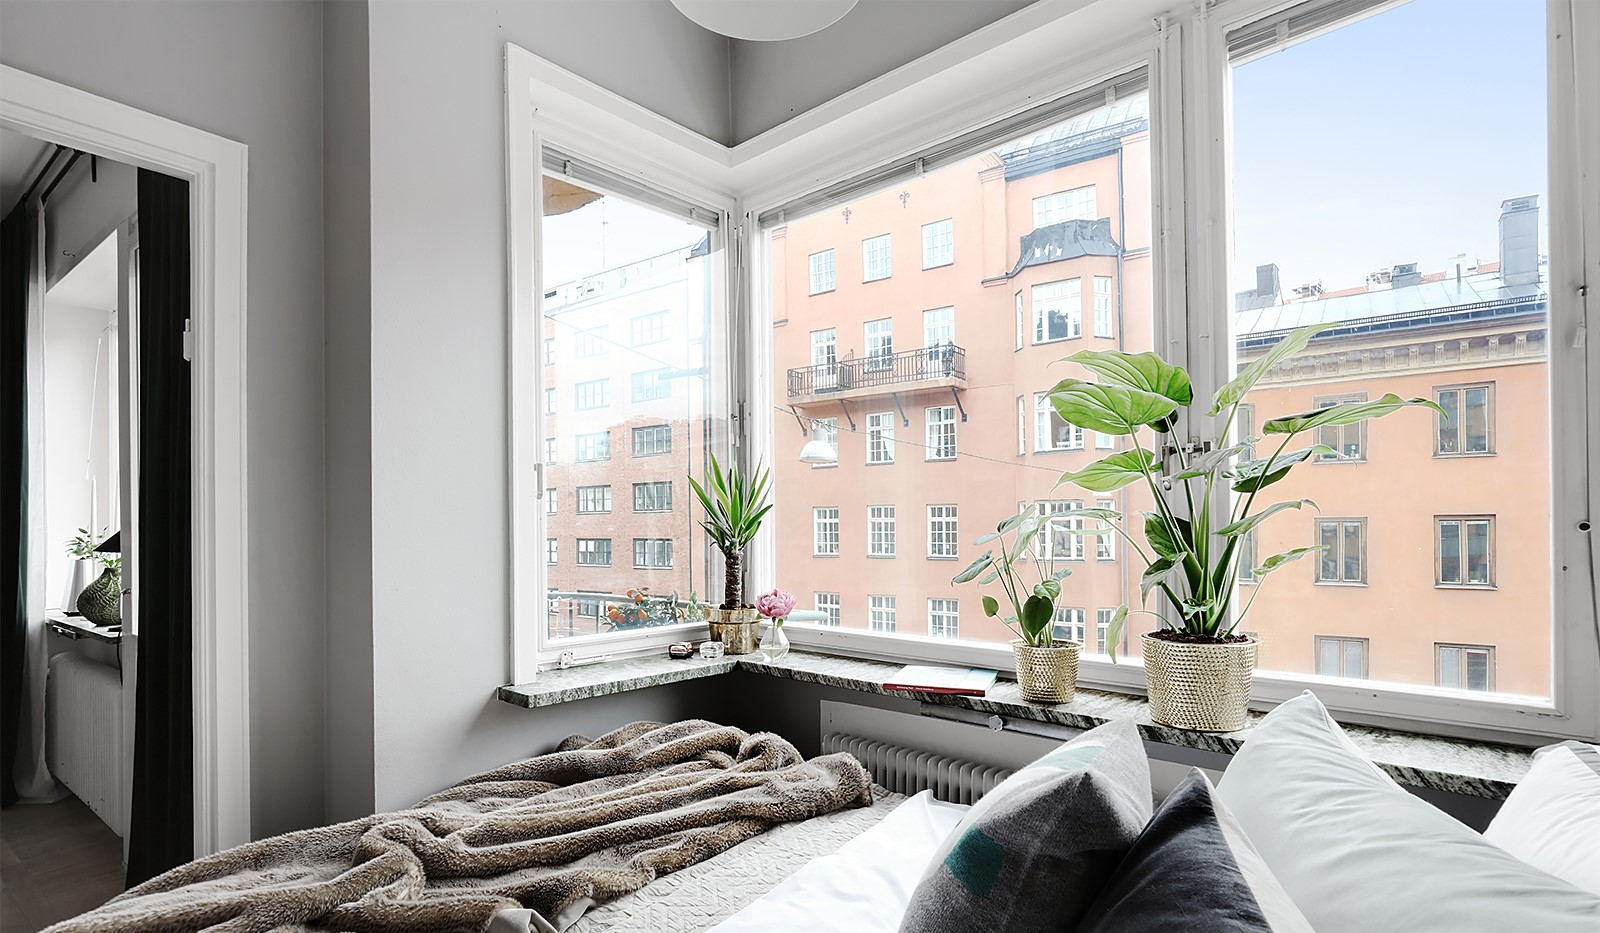 Folkungagatan 114 - Sovrum med stort fönster